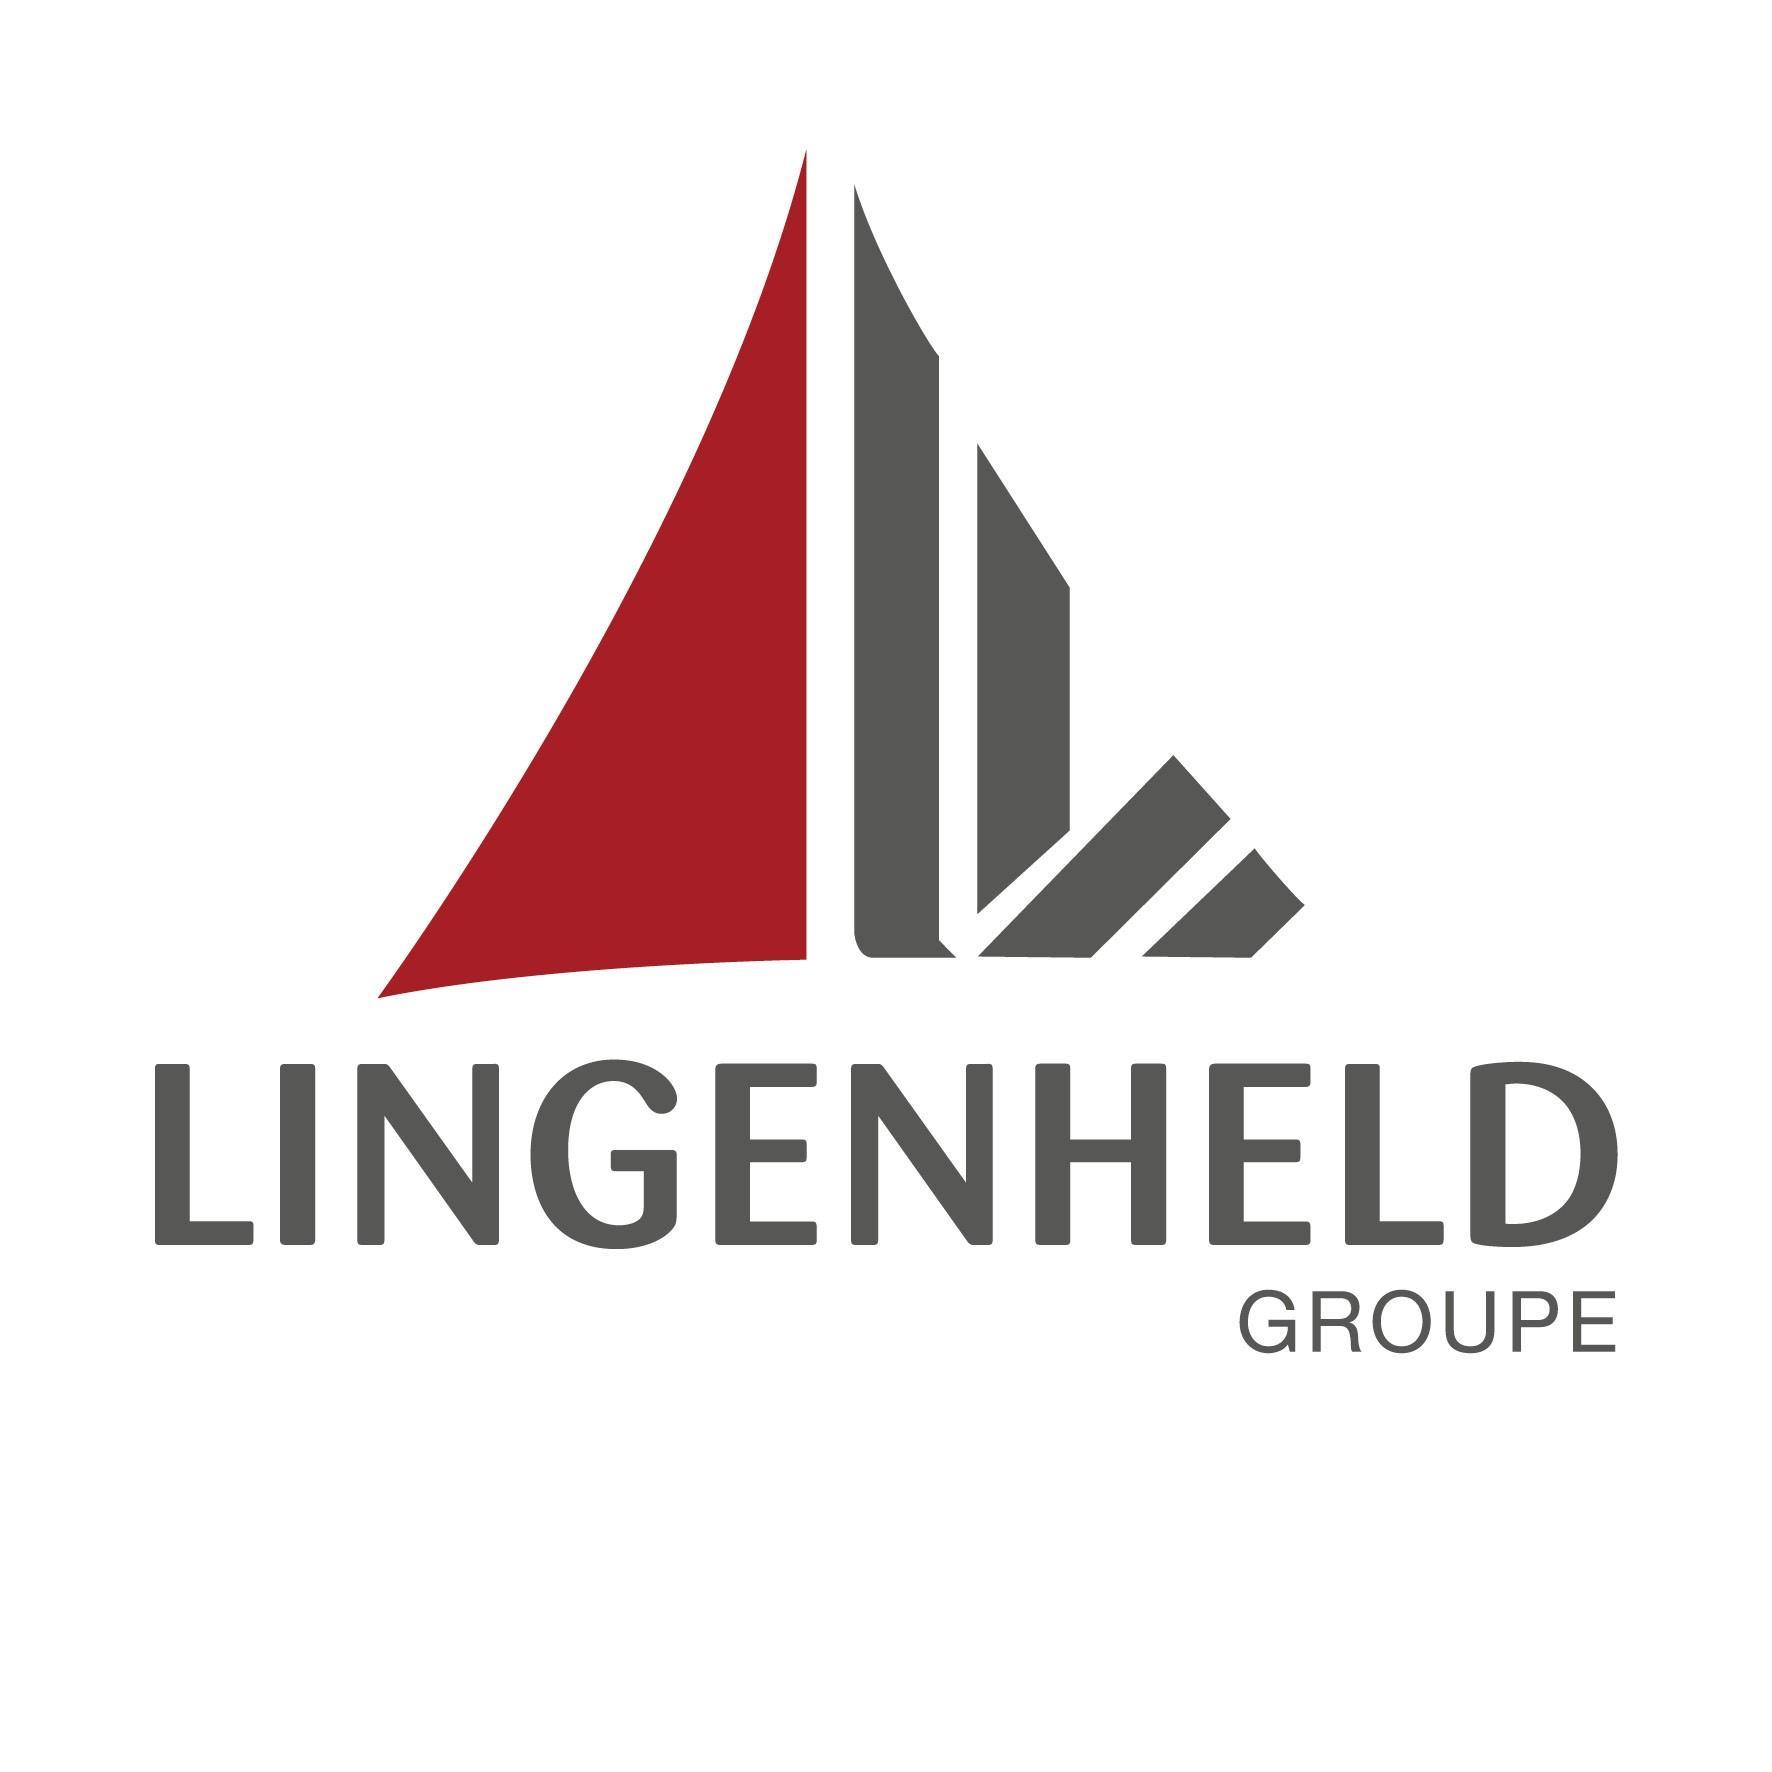 Logo du groupe Lingenheld